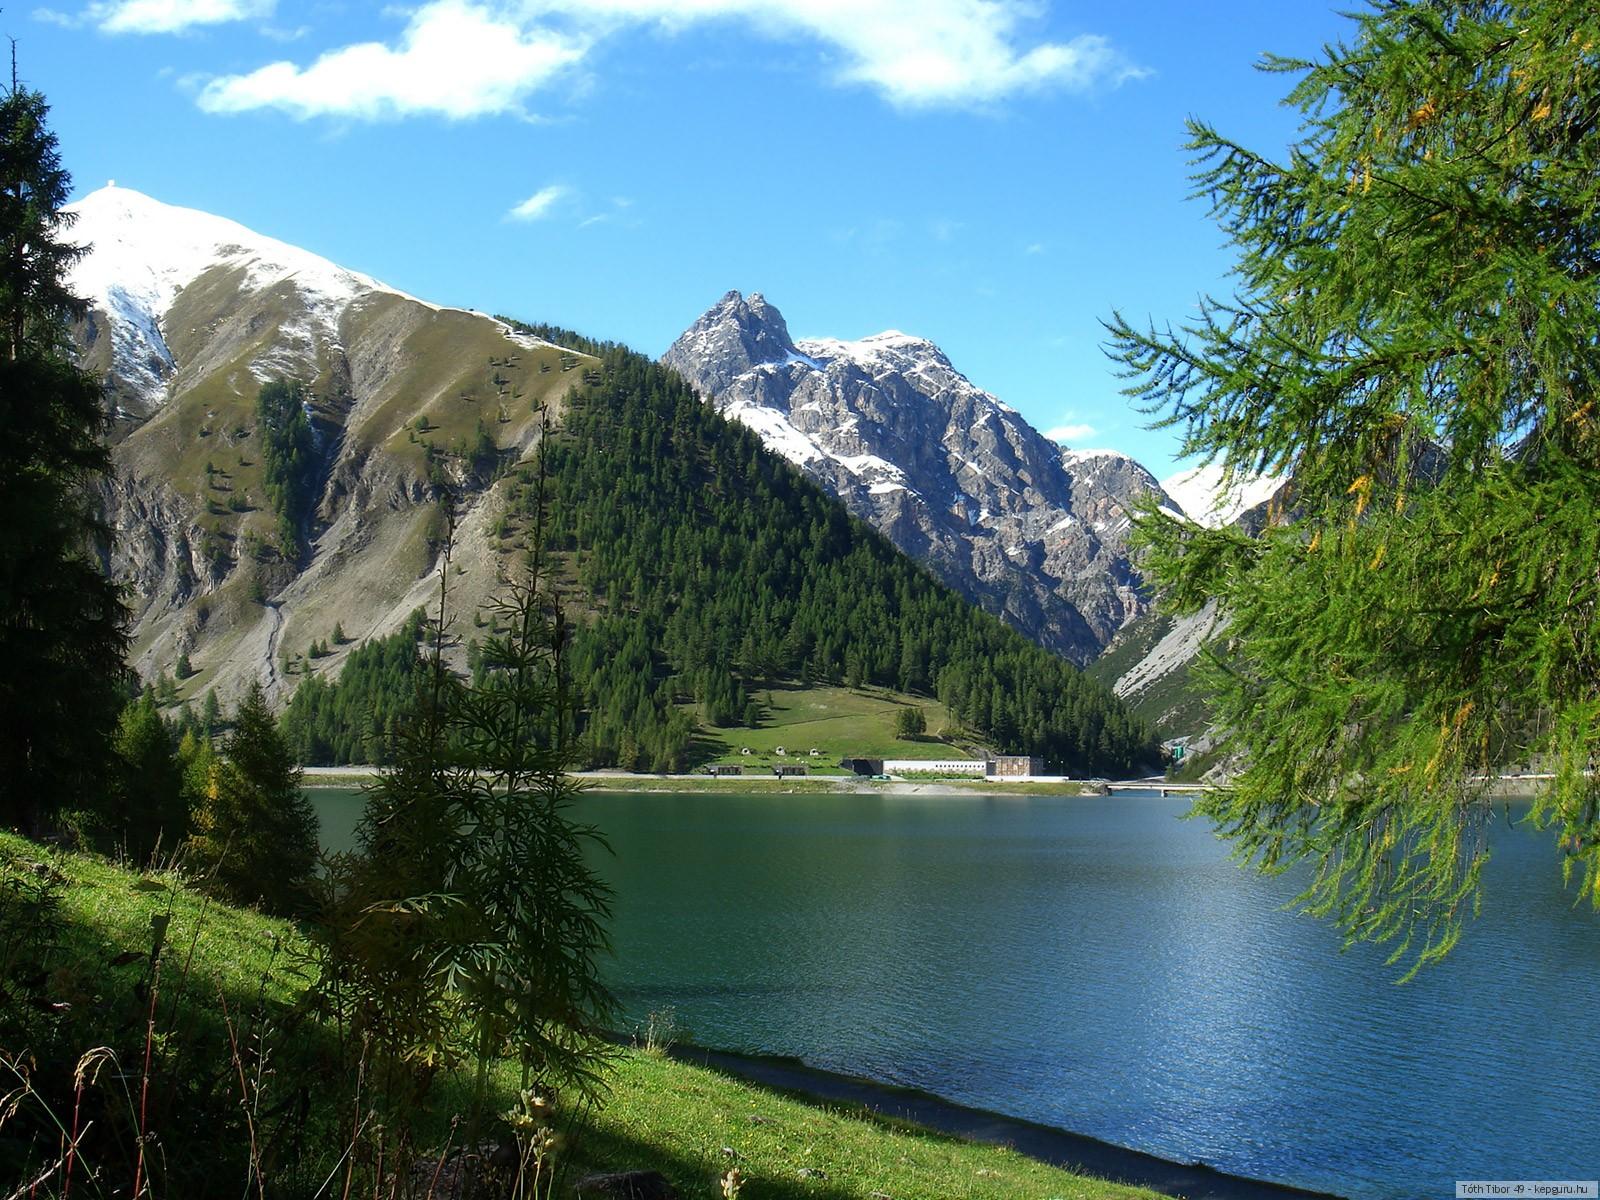 Пейзаж в горах чистое озеро и лес  Картинки на рабочий стол